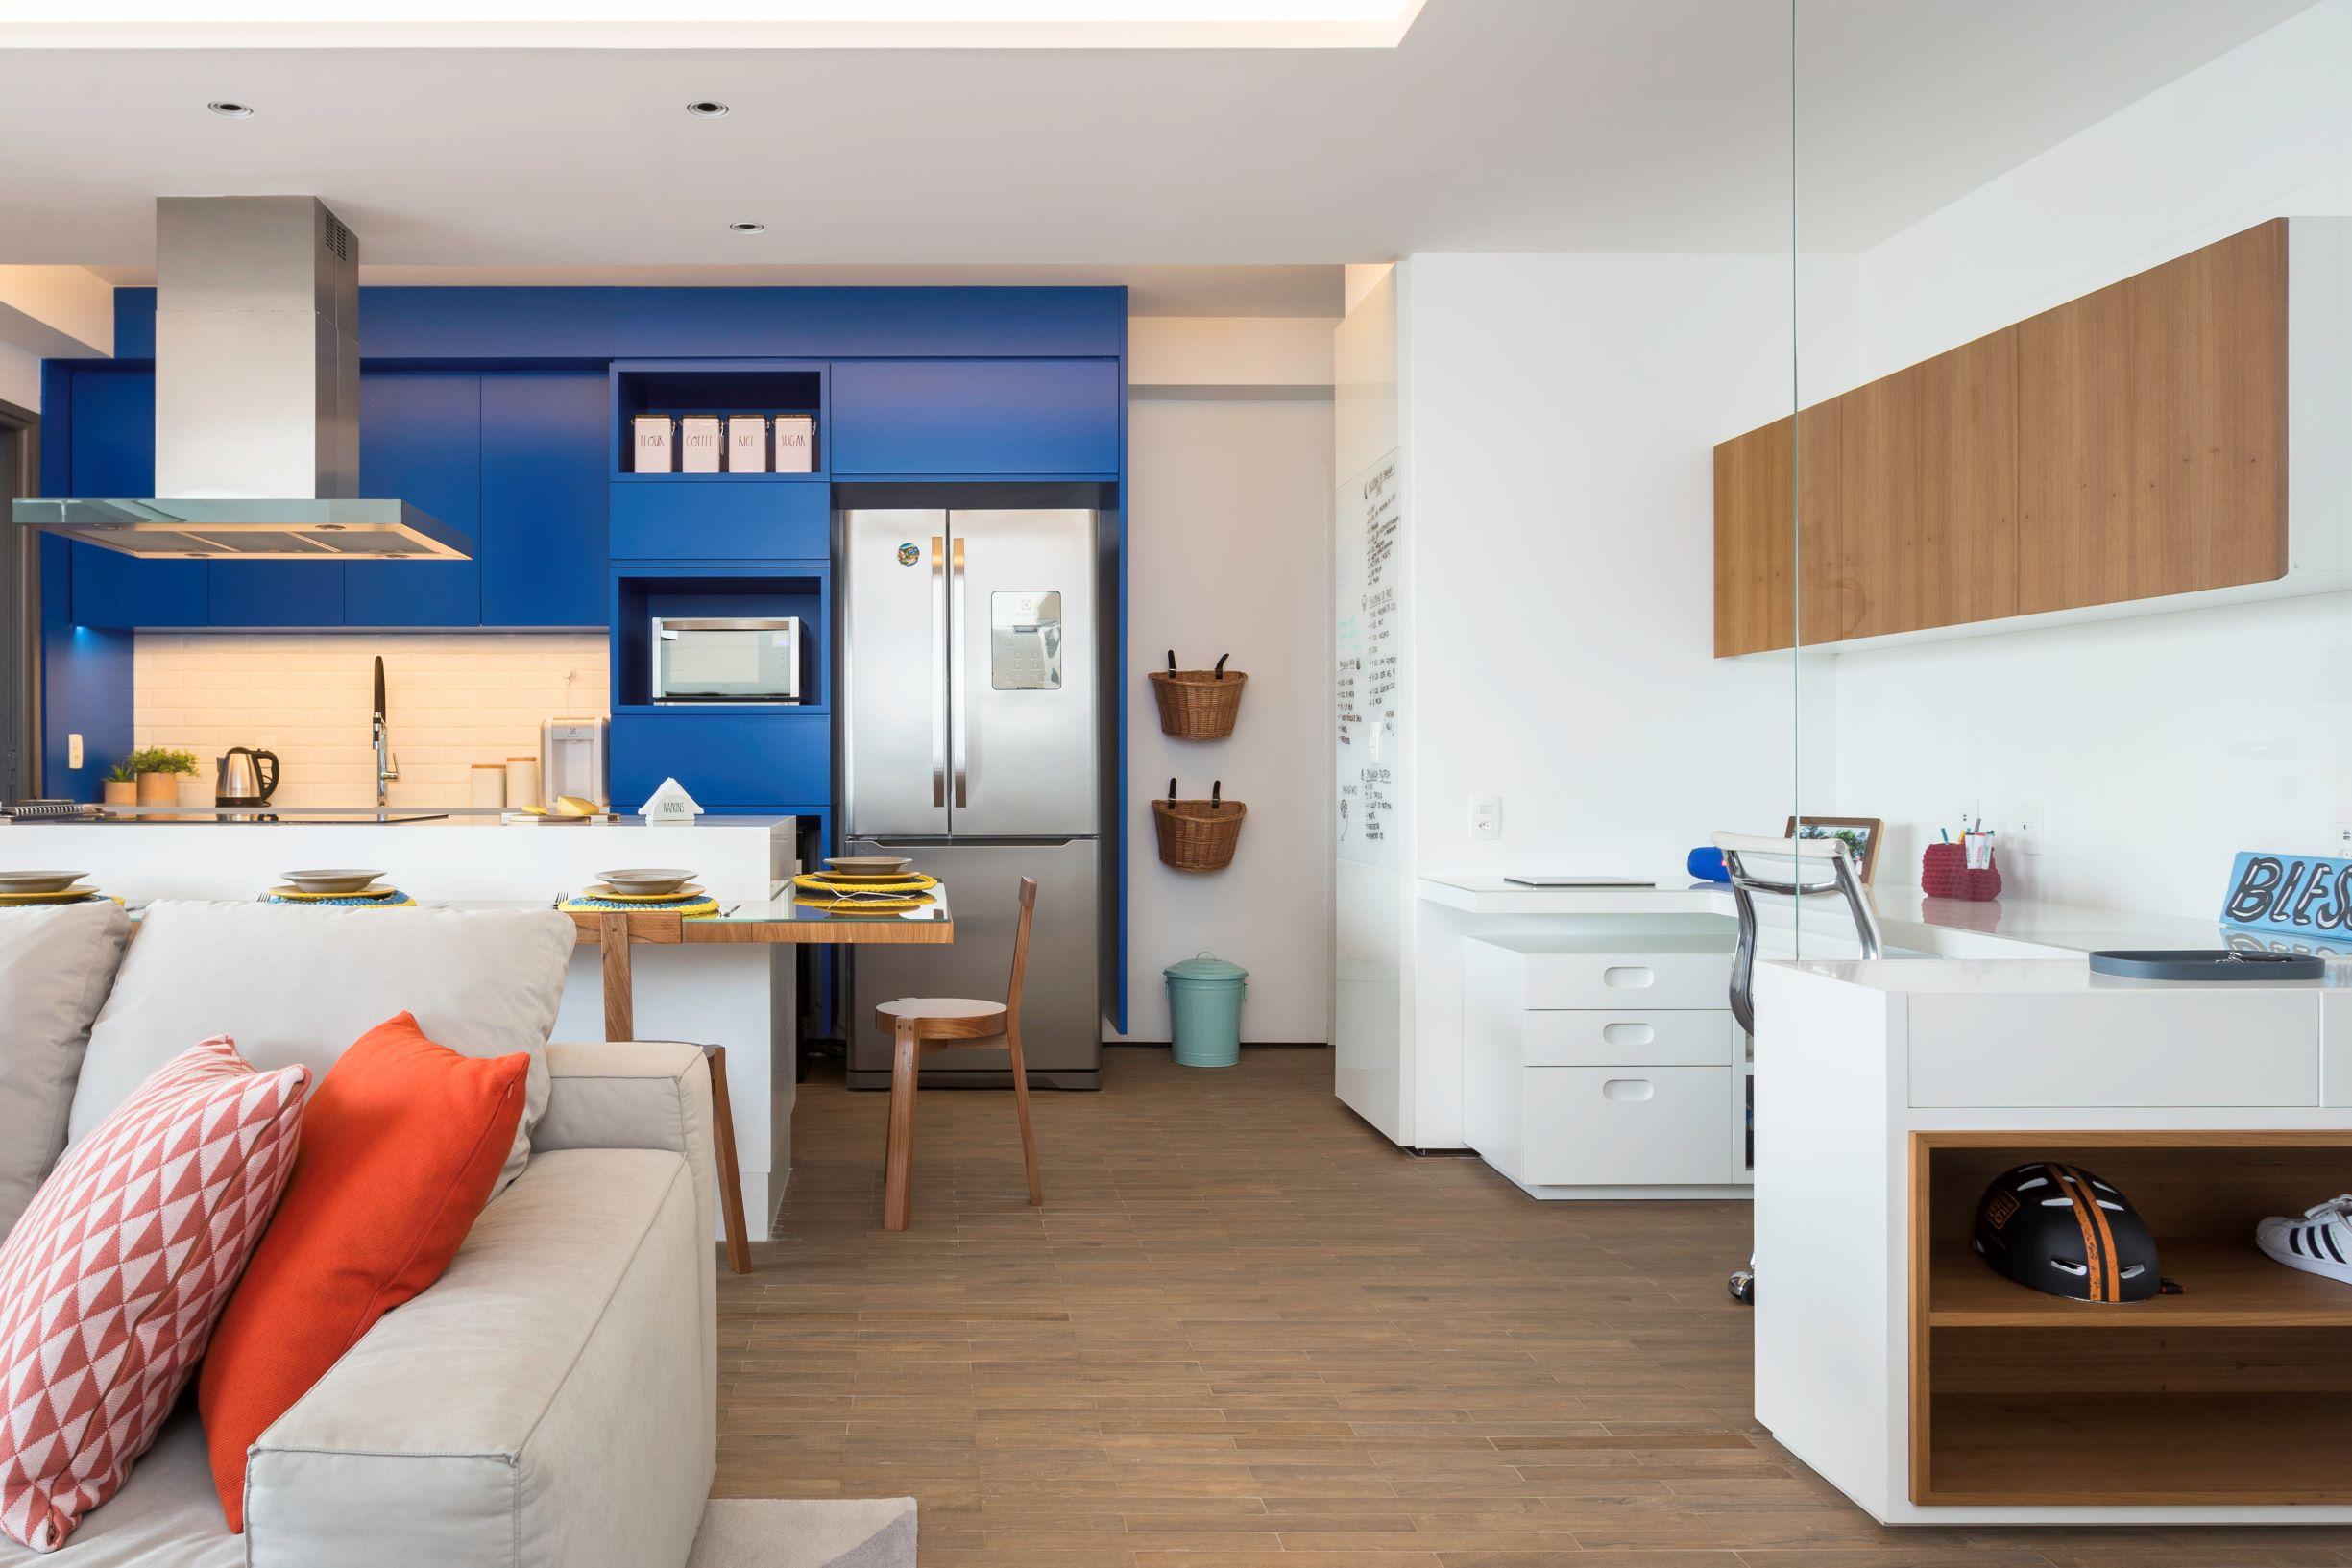 Apartamento com porcelanato que imita madeira. Porcelanato que reproduz madeira. Piso com revestido com porcelanato que imita madeira